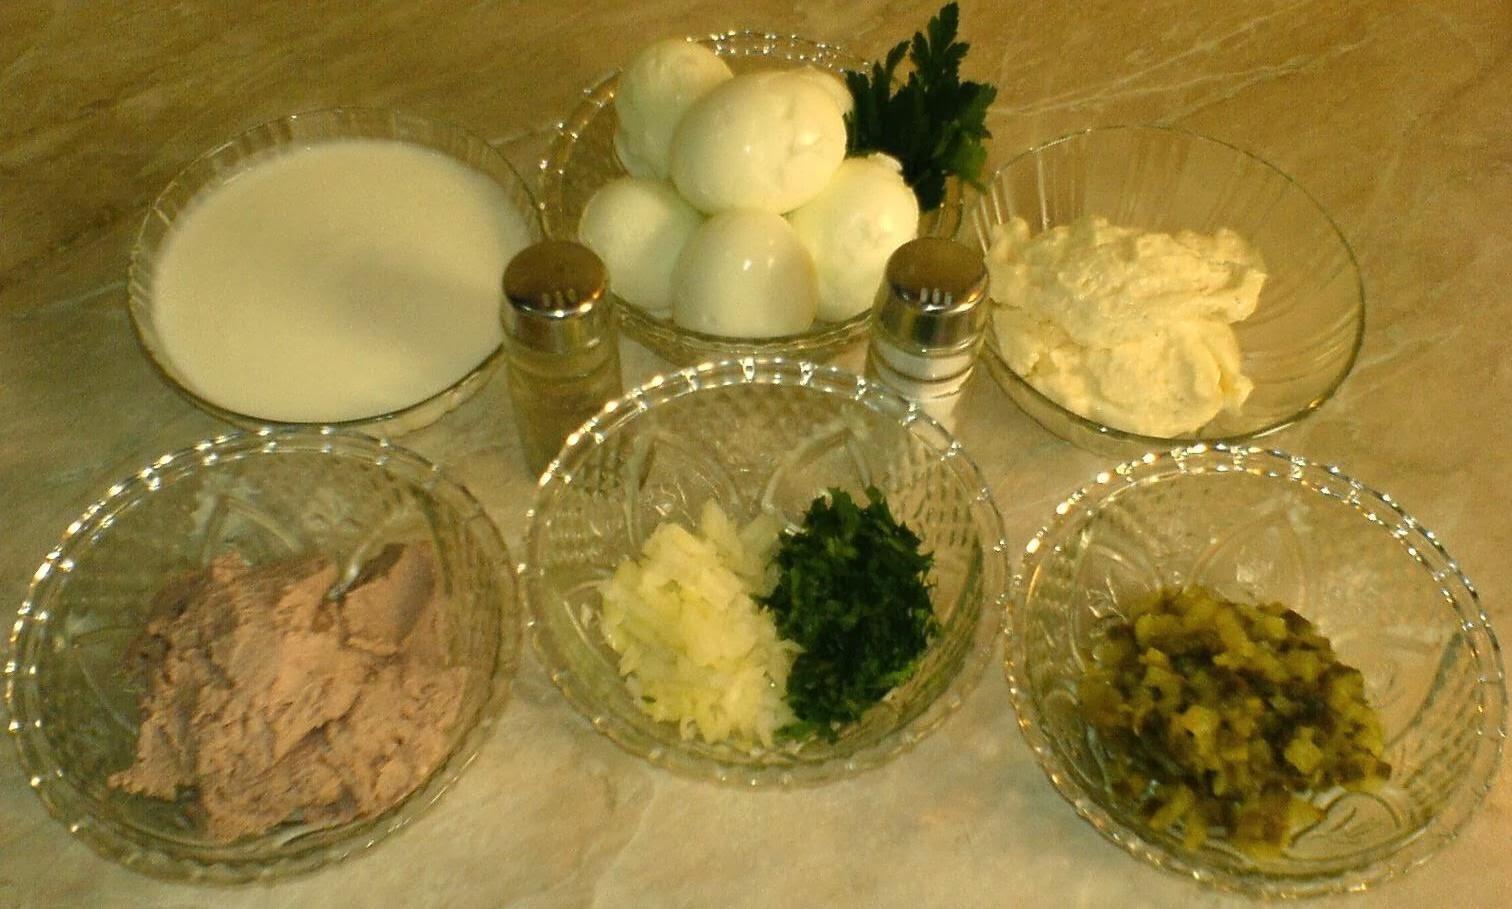 retete aperitive, retete culinare, oua umplute, retete usoare, oua umplute in sos tartar, retete si preparate culinare,